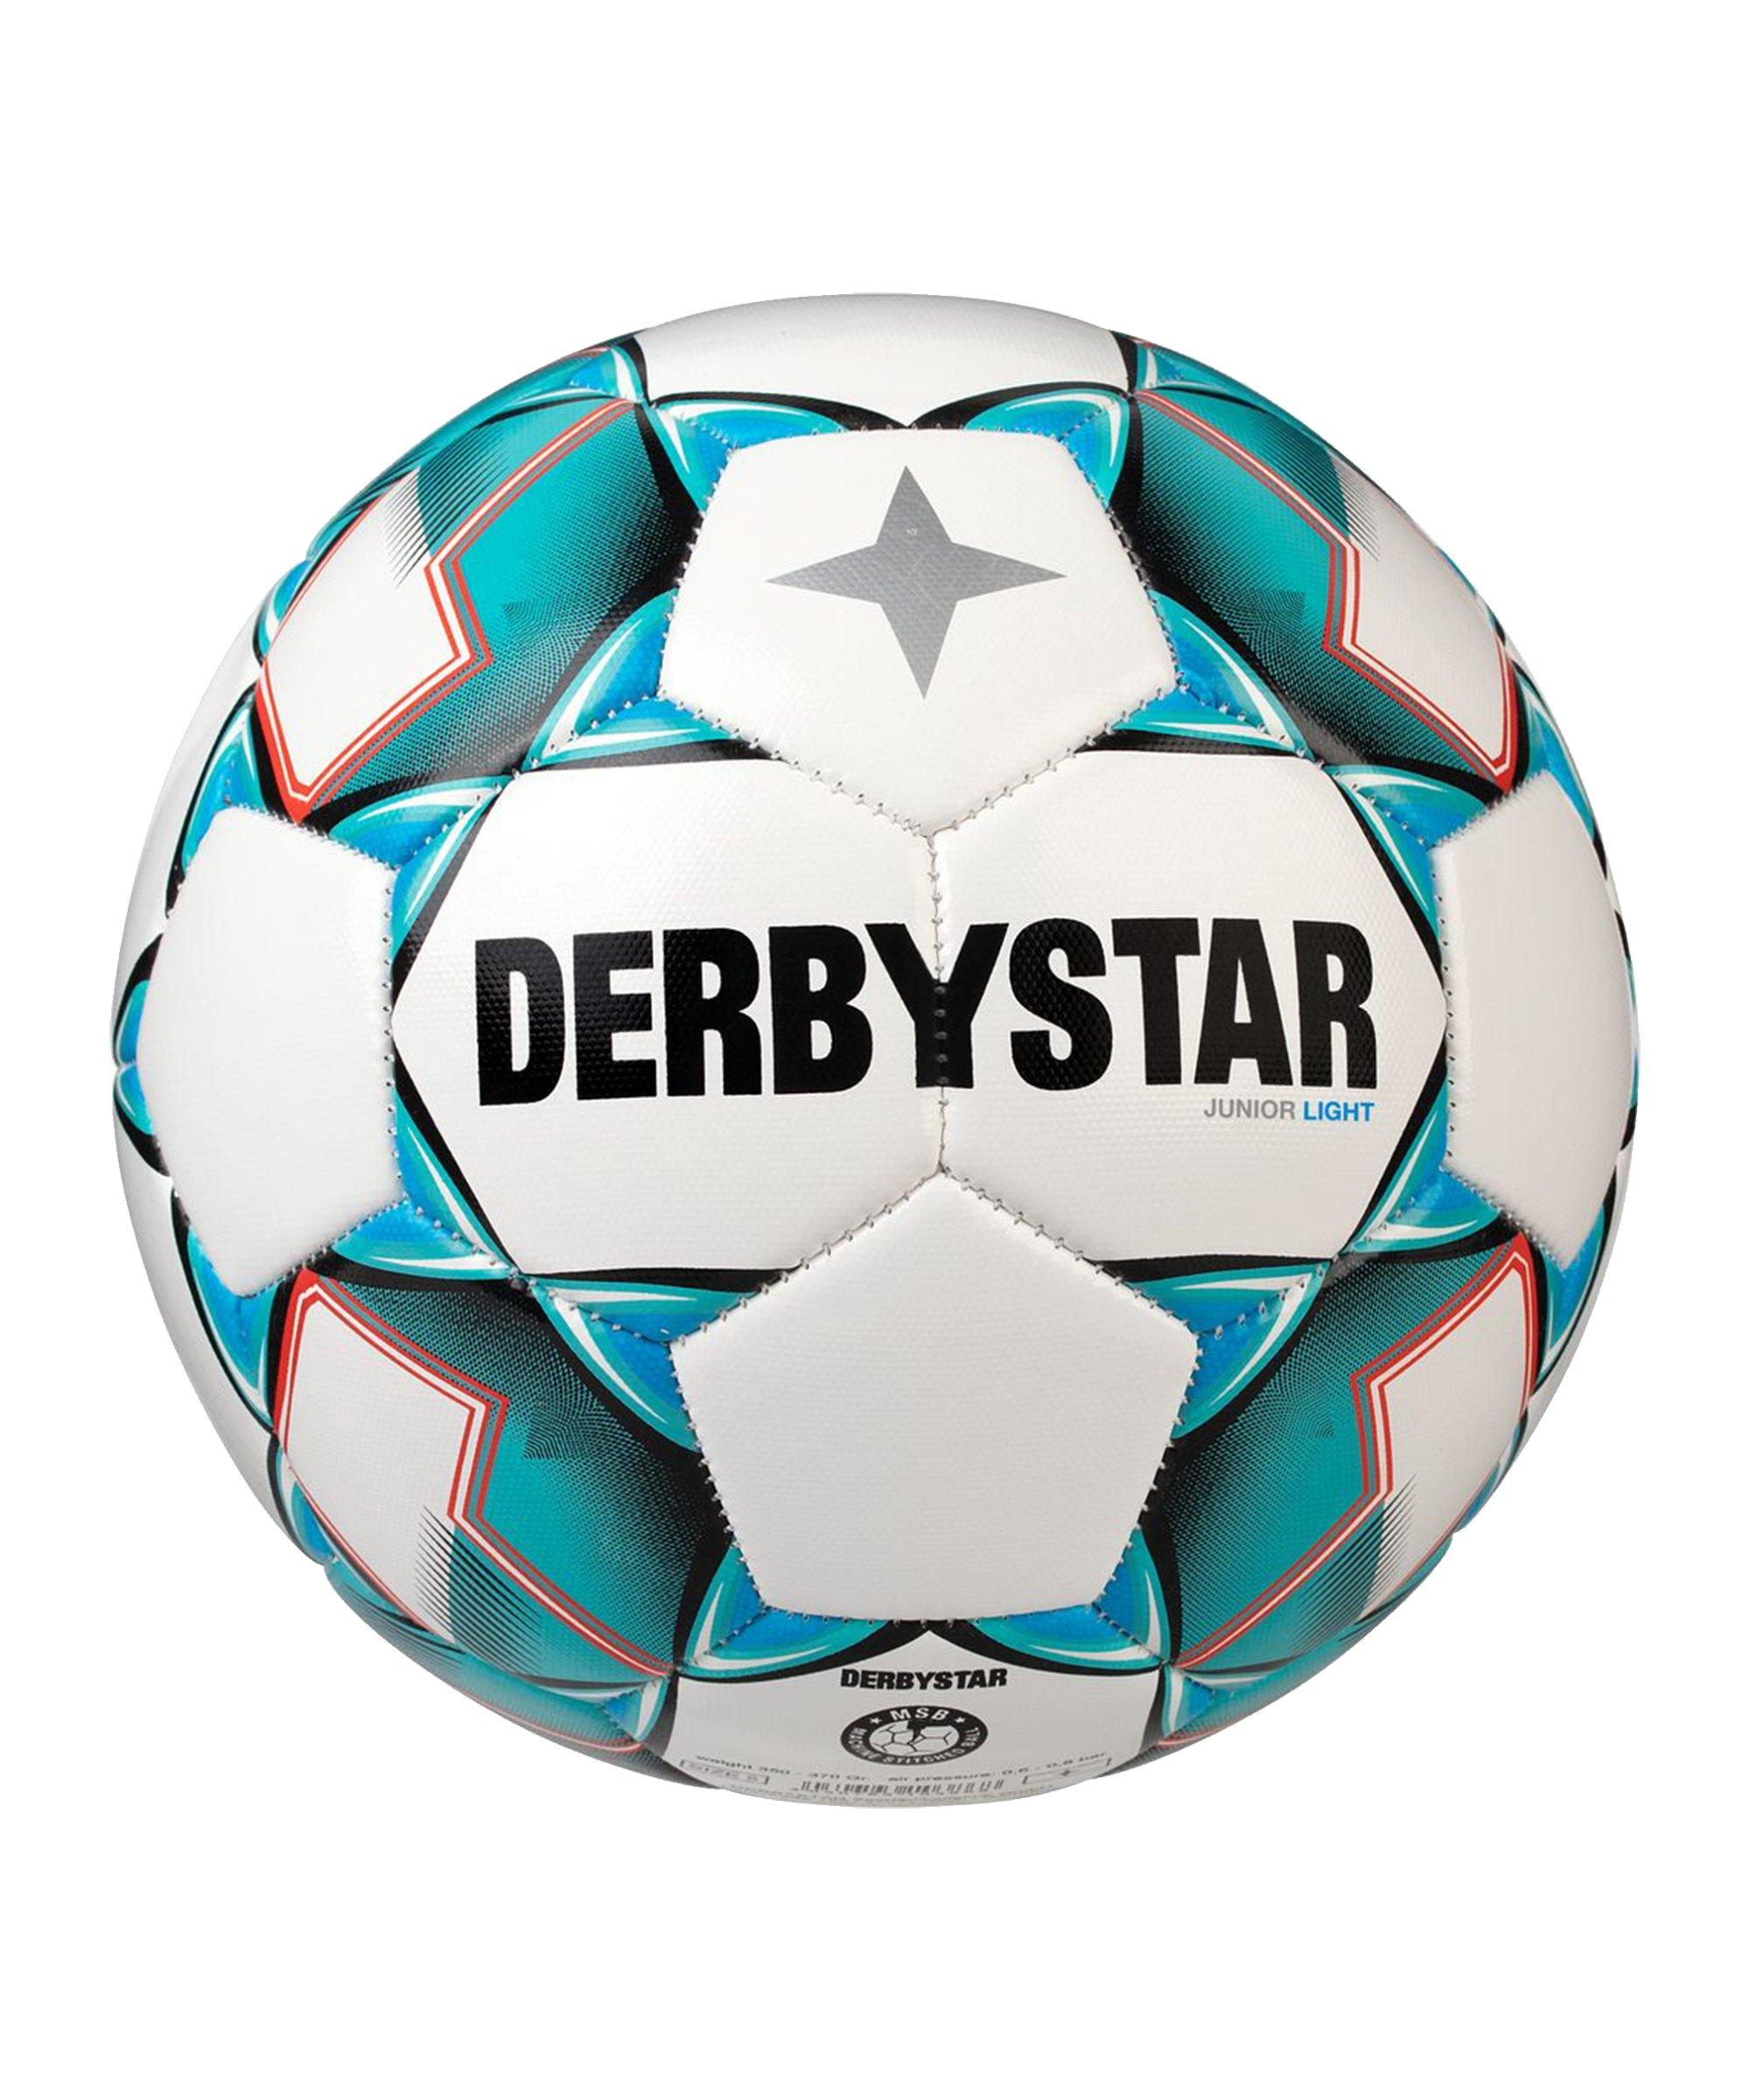 Derbystar Junior Light v20 Fussball F142 - weiss